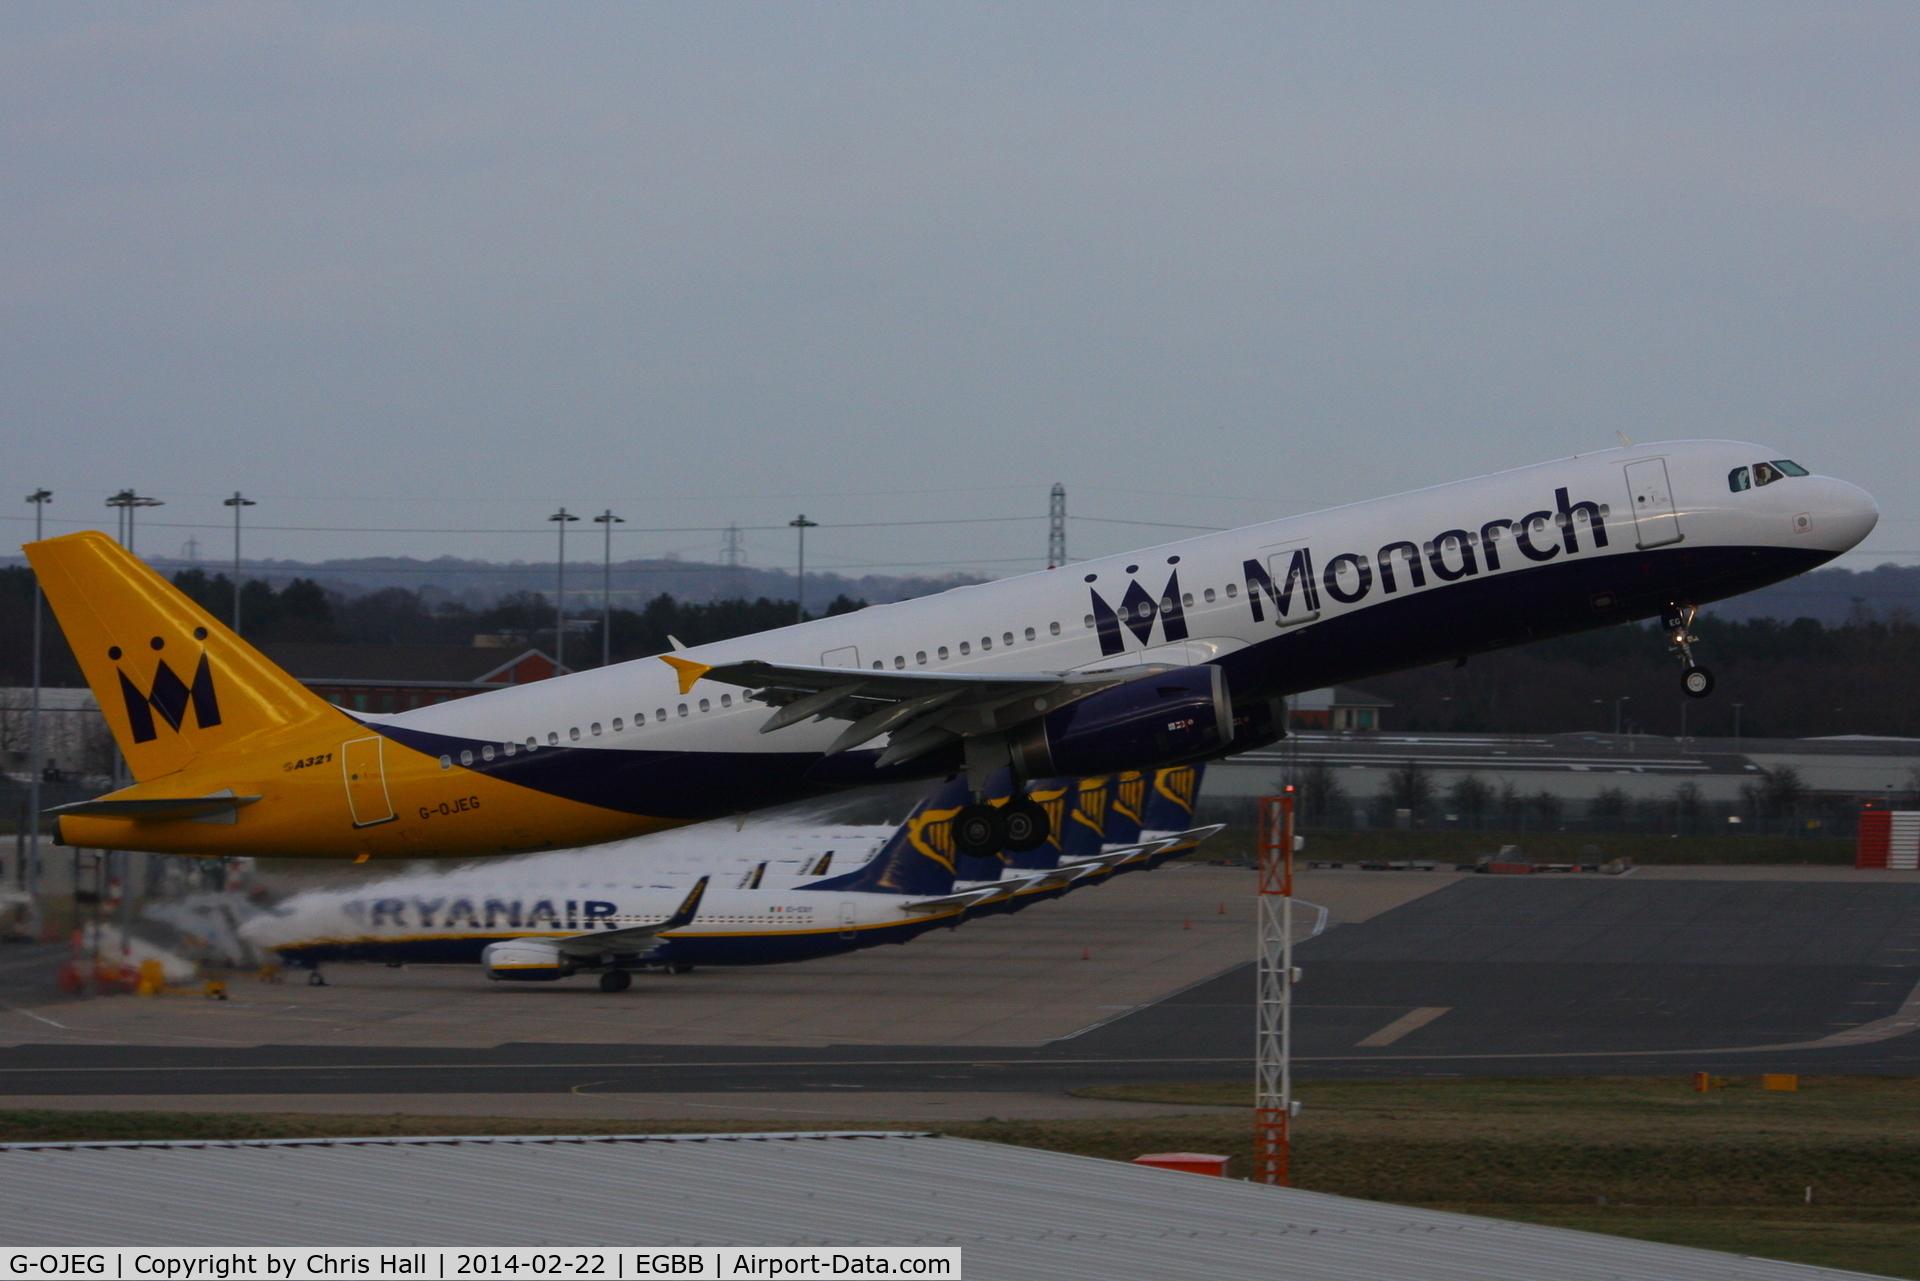 G-OJEG, 1999 Airbus A321-231 C/N 1015, Monarch